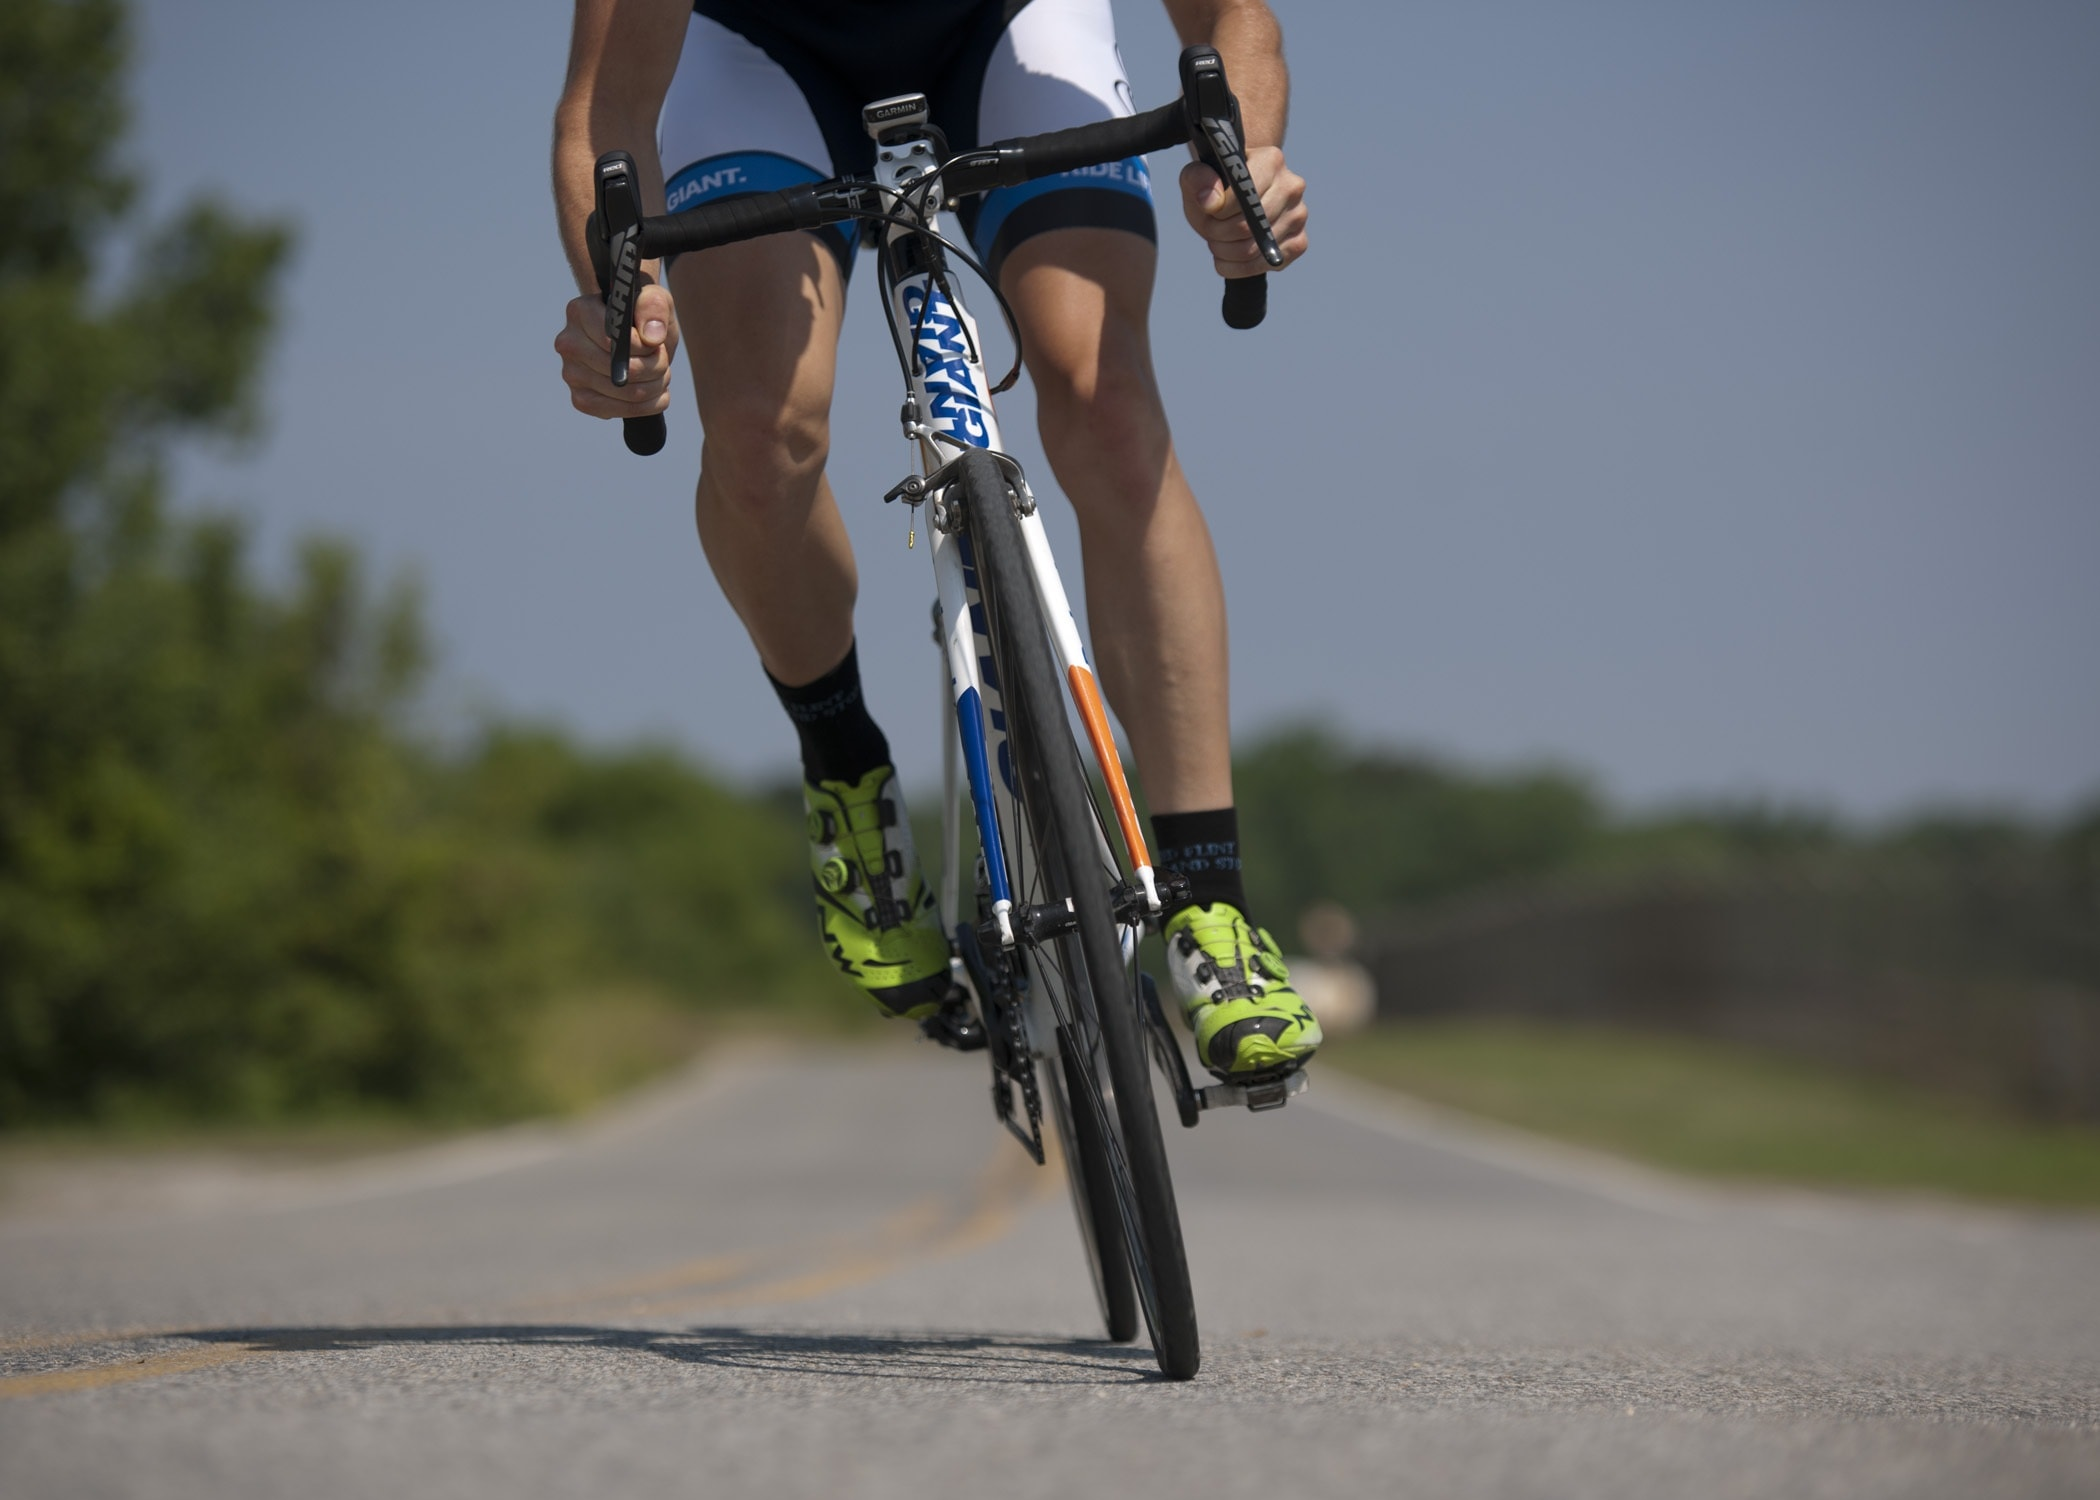 Artikel zum Thema: Abnehmen ohne Sport